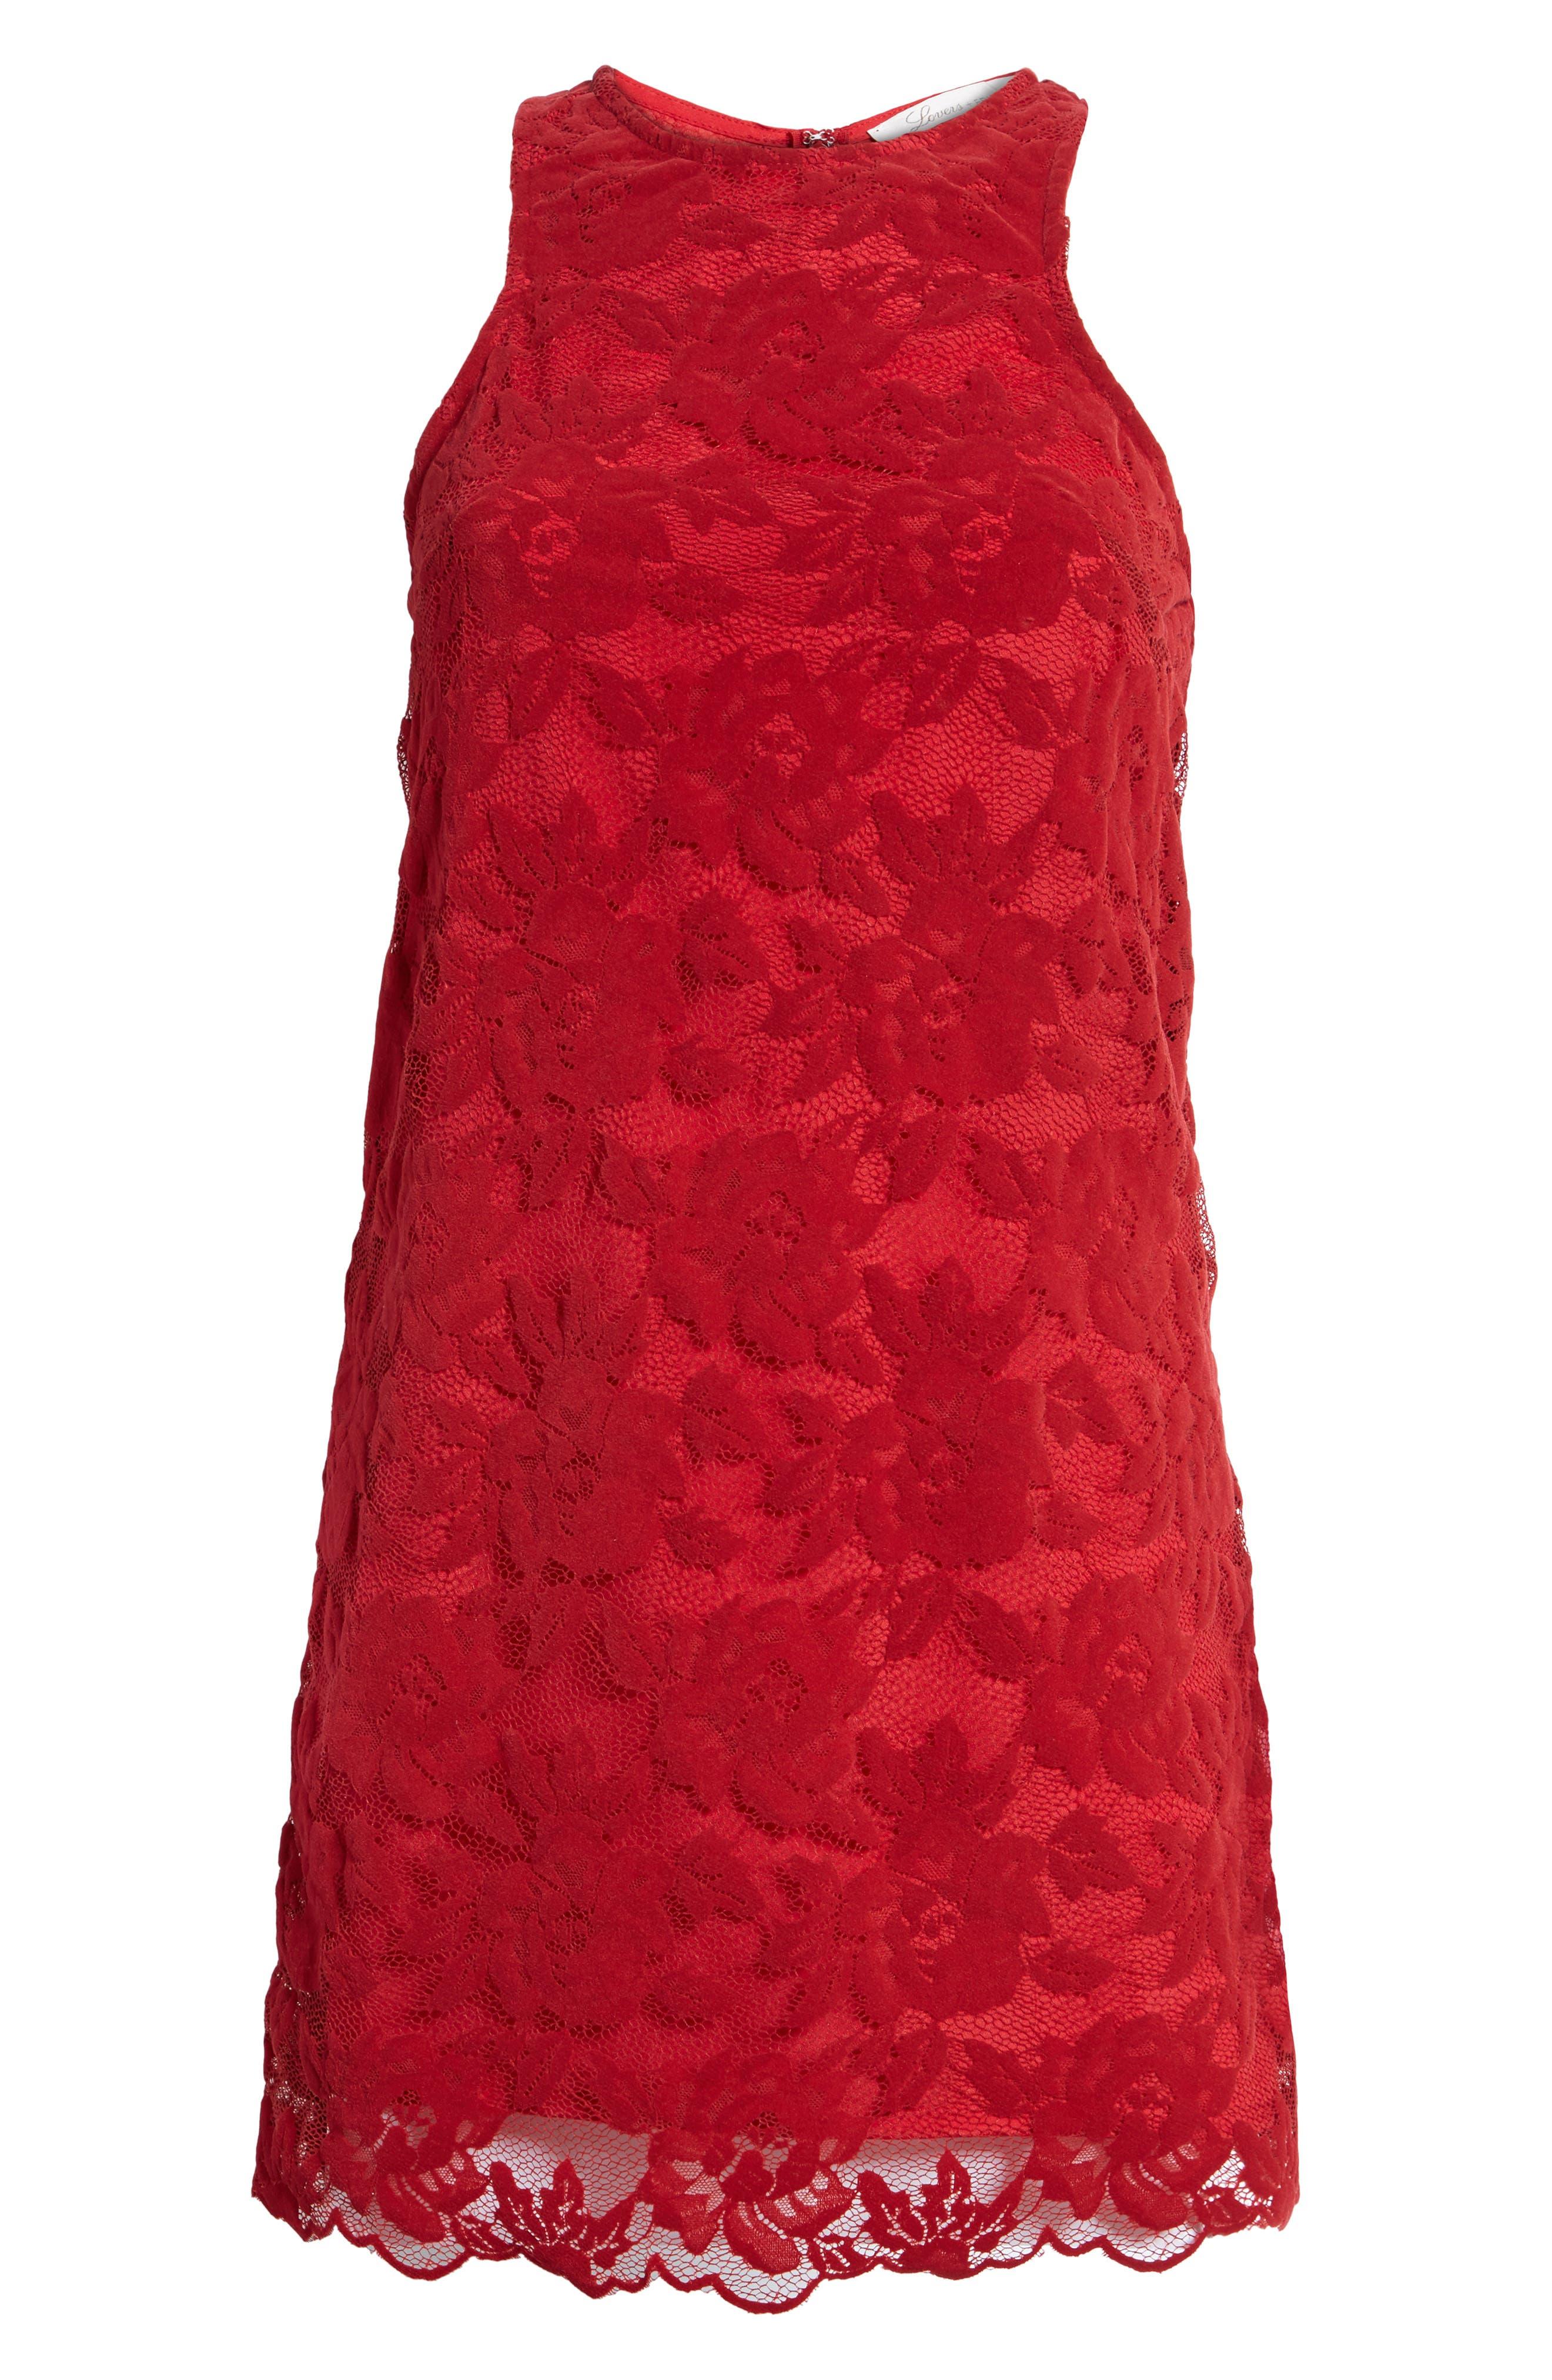 Caspian Lace Sheath Dress,                             Alternate thumbnail 6, color,                             Bordeaux